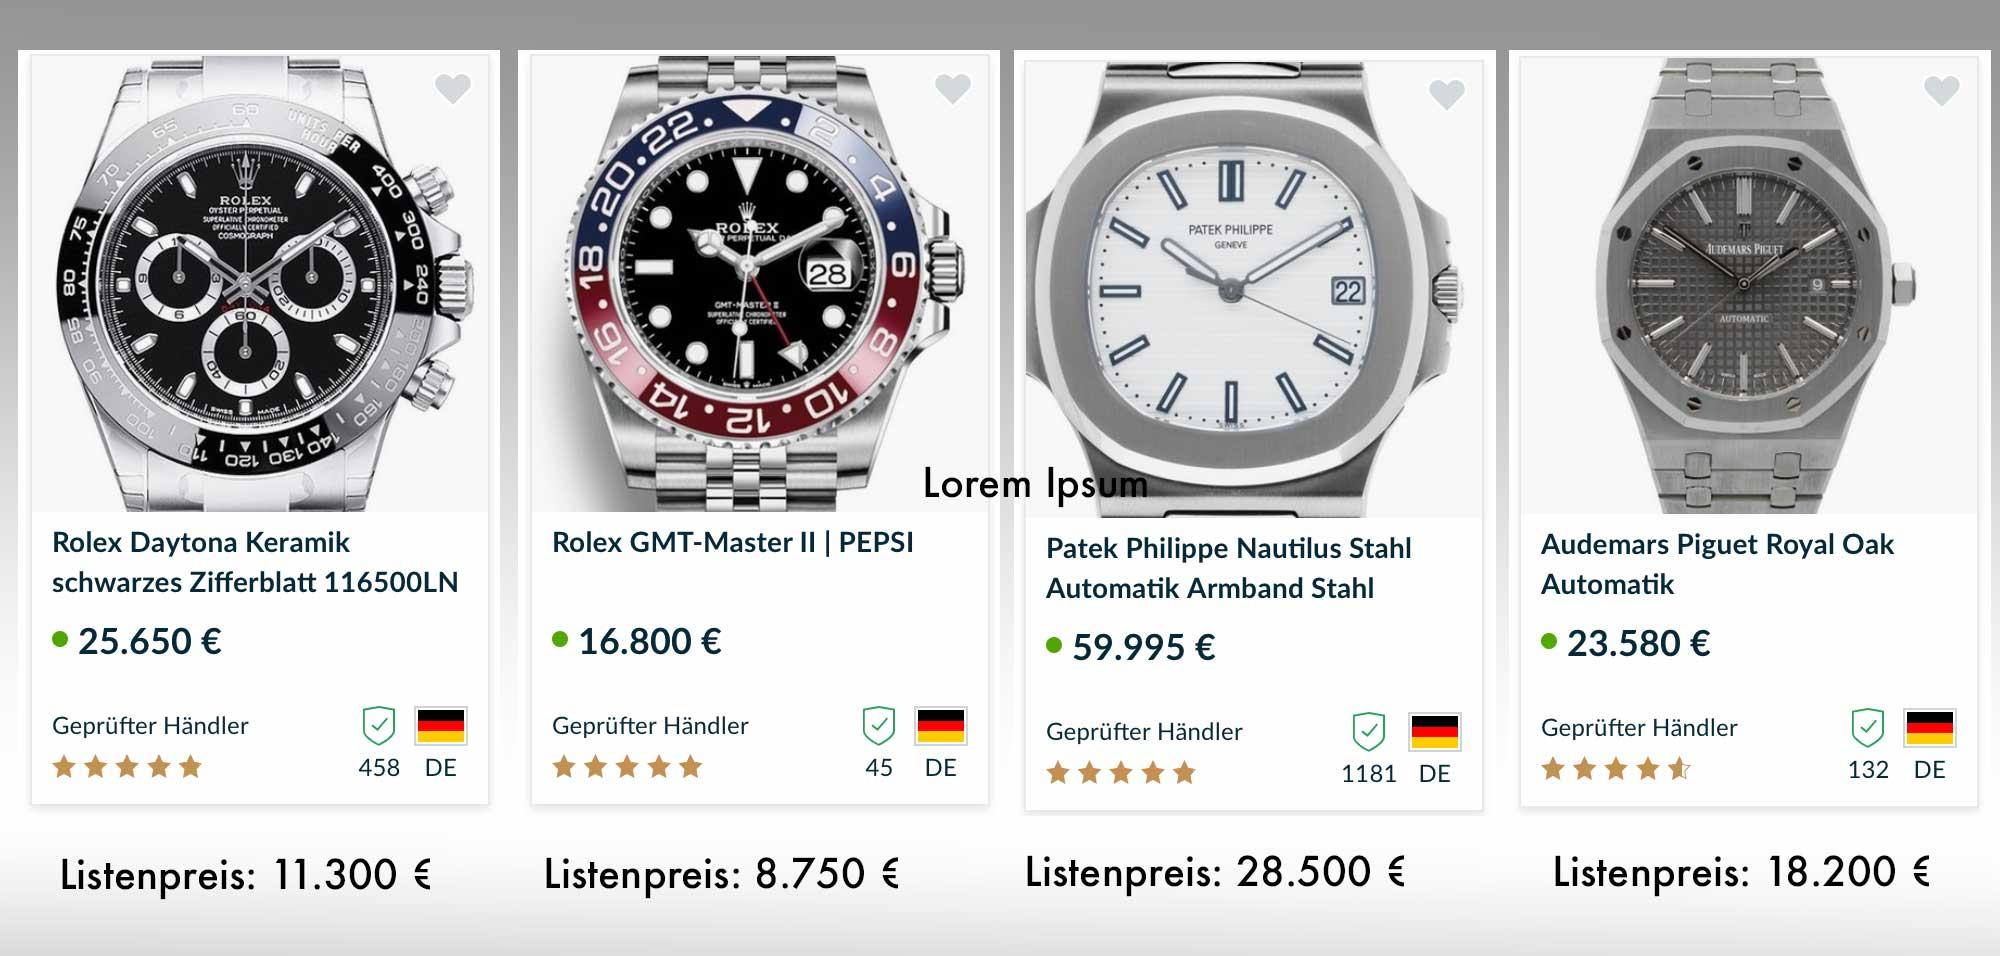 Preisvergleich einiger edler Uhren